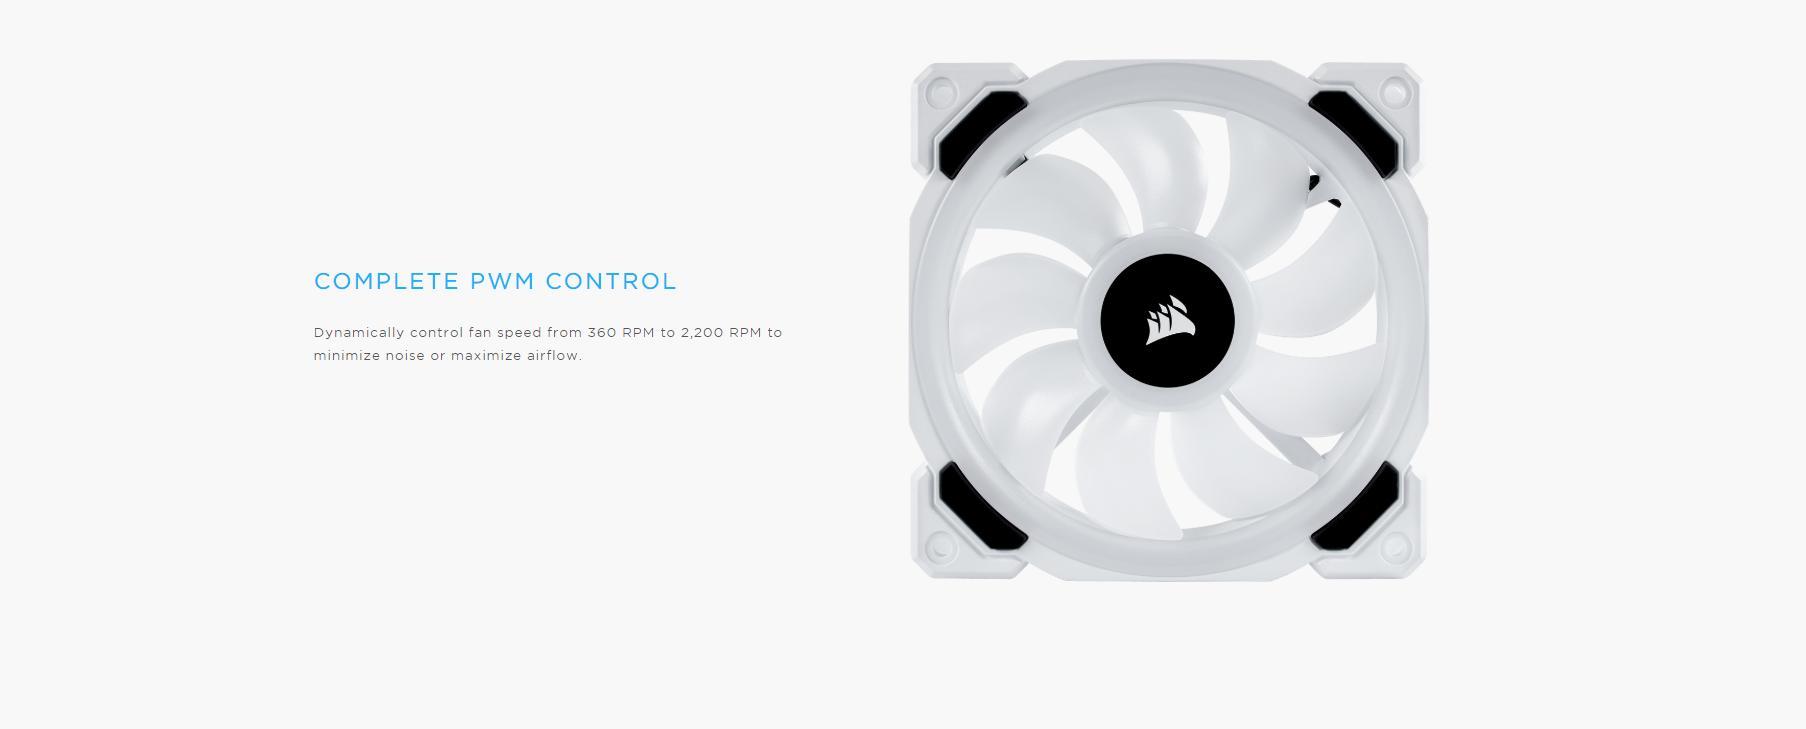 Fan Case Corsair LL120 RGB 120mm Dual Light Loop RGB LED 3 Fan Pack with Lighting Node PRO - White có khả năng tuỳ chỉnh tốc độ quạt từ 360RPM đến 2200RPM để giảm độ ồn cũng như tối ưu lượng gió thổi